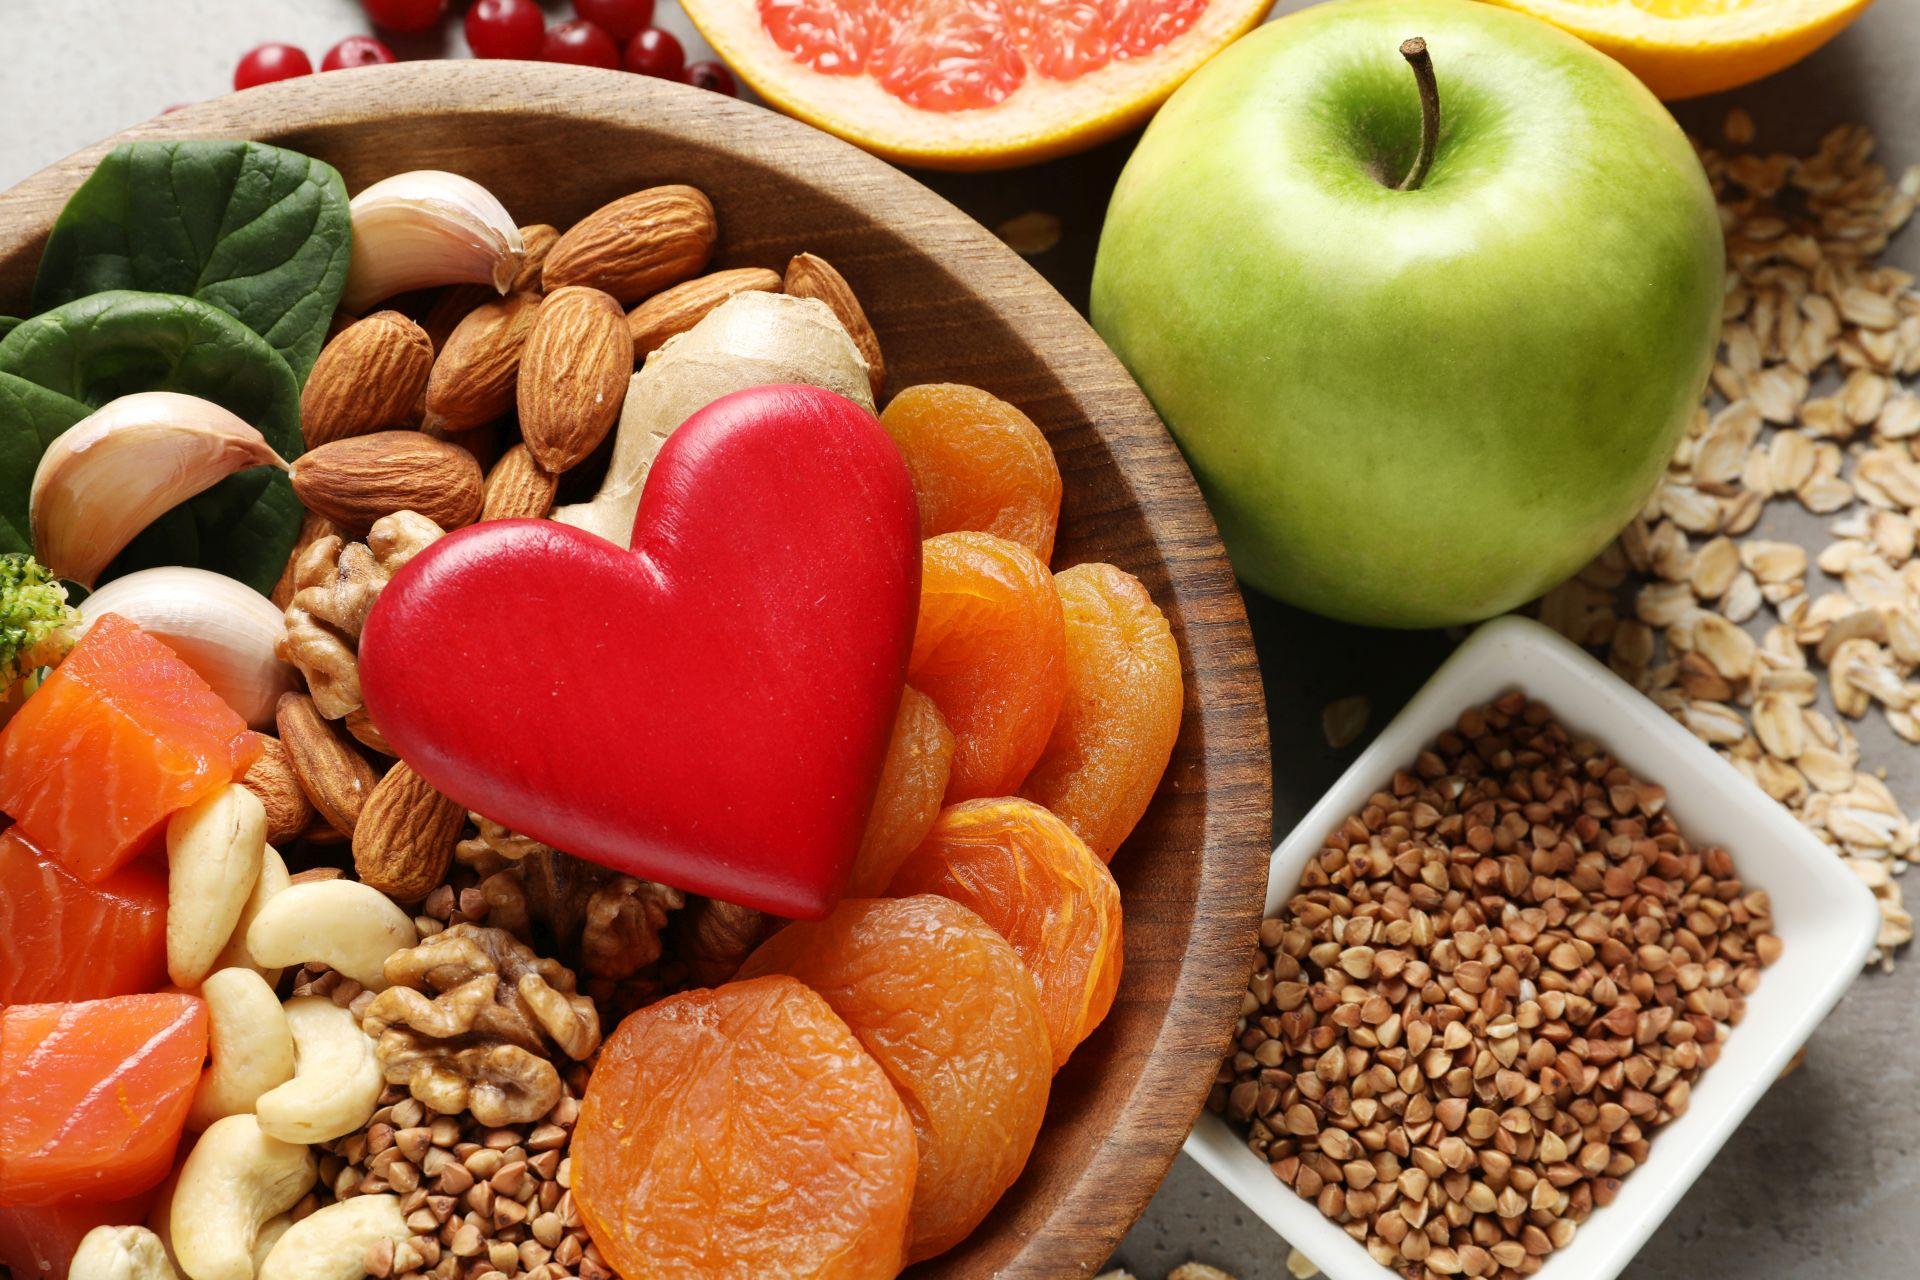 Czym jest indeks glikemiczny? To miernik wzrostu glukozy we krwi, który określa szybkość, z jaką ludzki organizm rozkłada węglowodany. Sprawdź dietę o niskim indeksie glikemicznym.